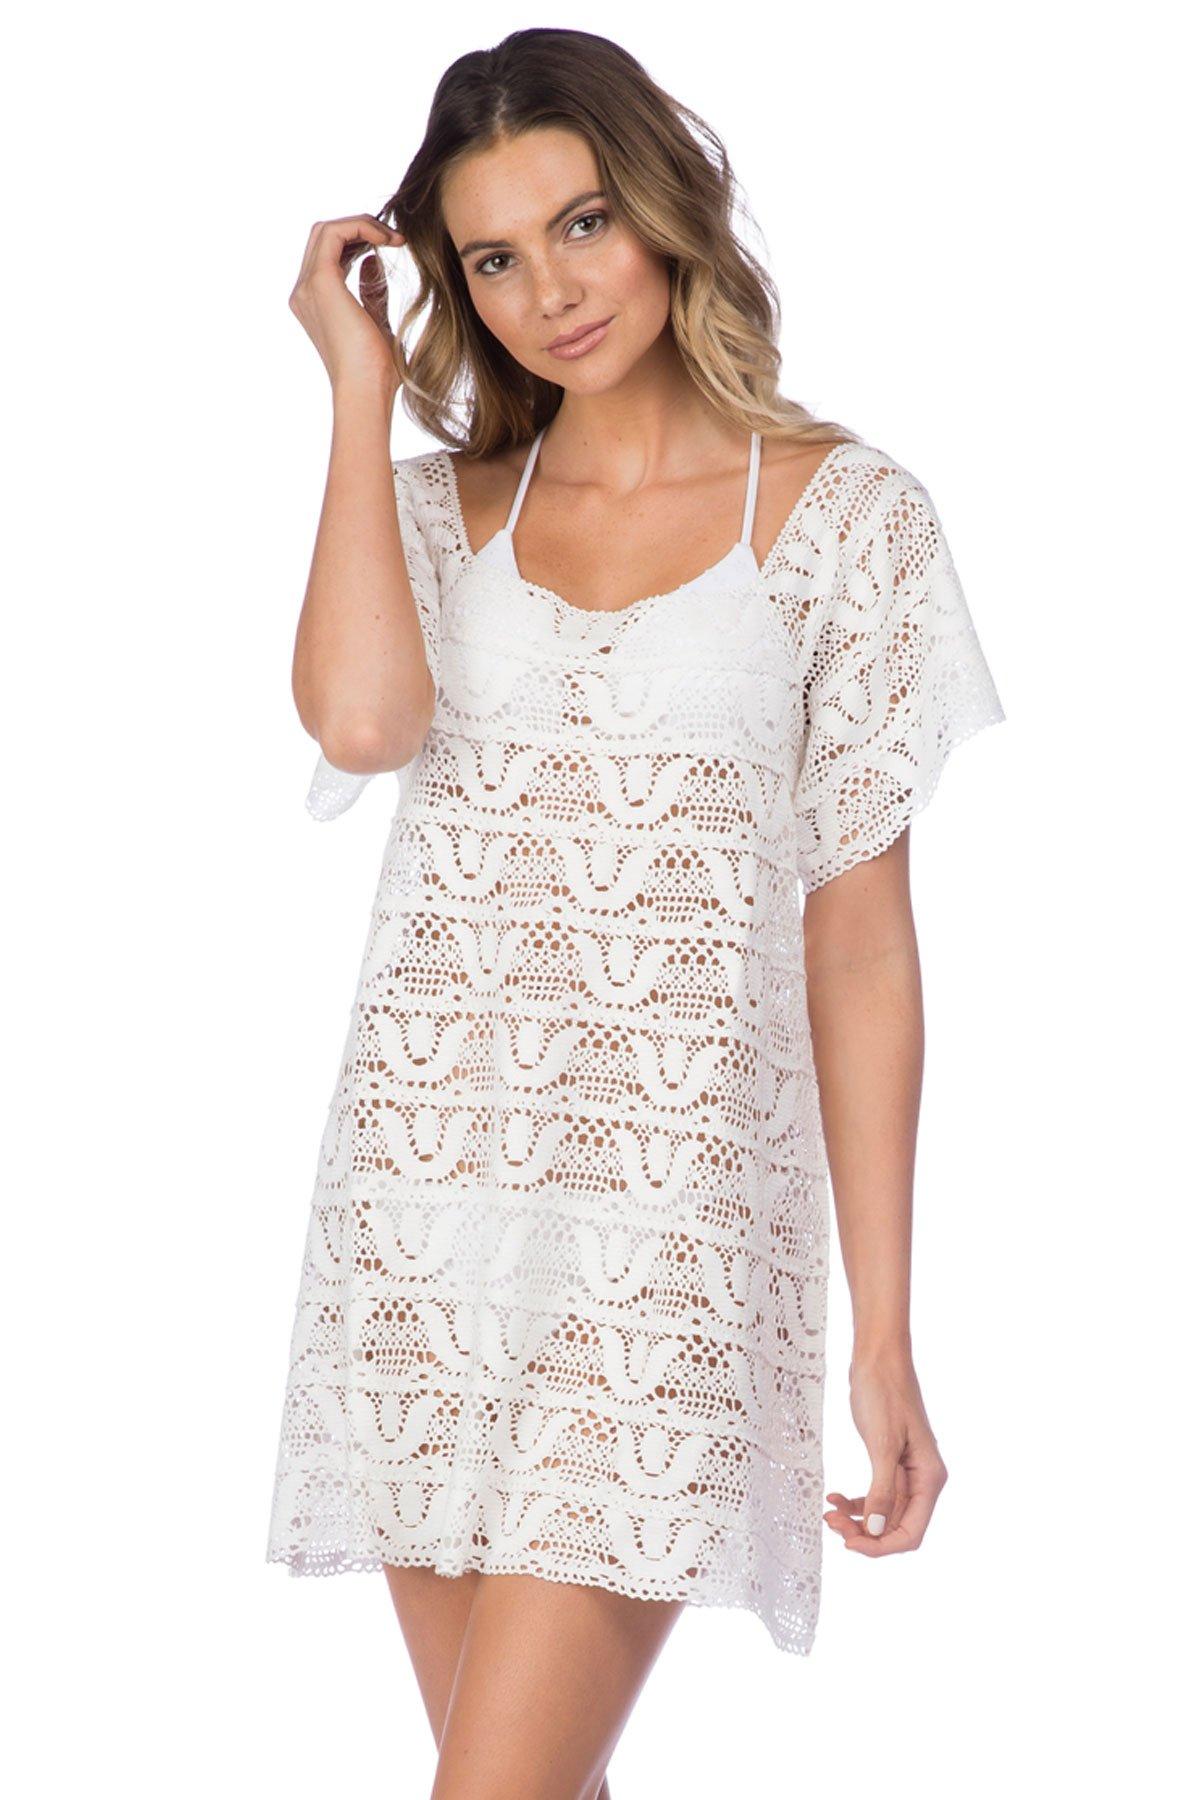 Nanette Lepore Women's Crochet Covers Short Dress, White, Medium